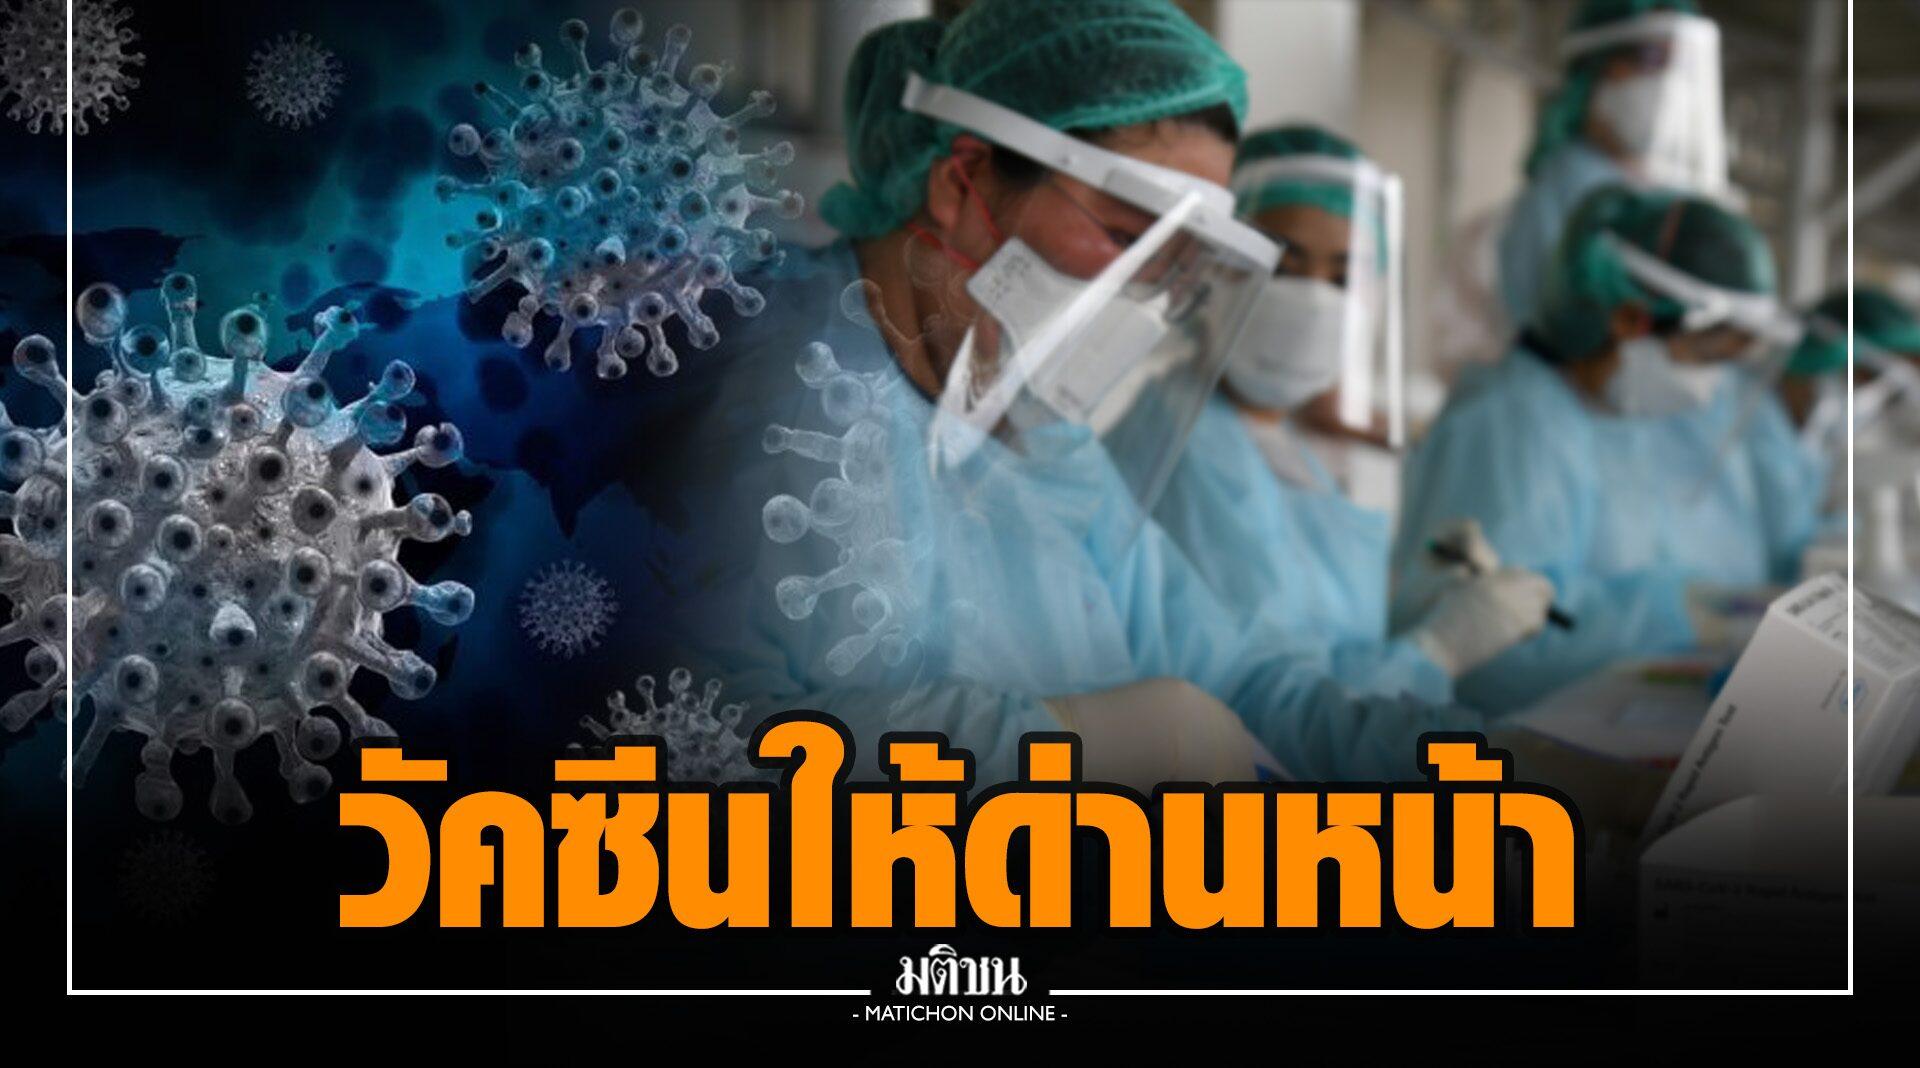 402 บุคลากรคณะแพทย์ มข. เรียกร้องฉีดวัคซีน เอ็มอาร์เอ็นเอ ชี้ถ้า 'ด่านหน้า' แพ้ ประเทศก็แพ้